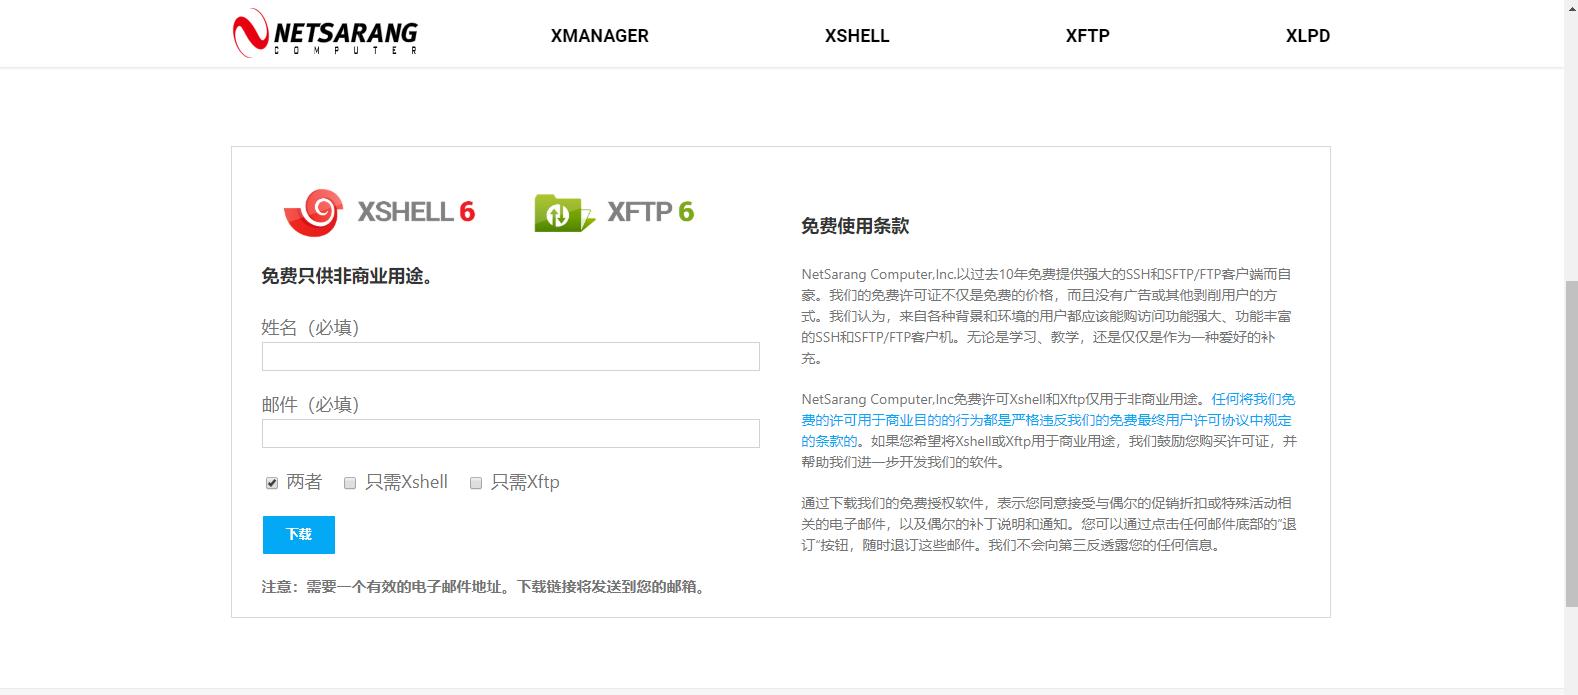 关于Xshell和Xftp过期的解决办法